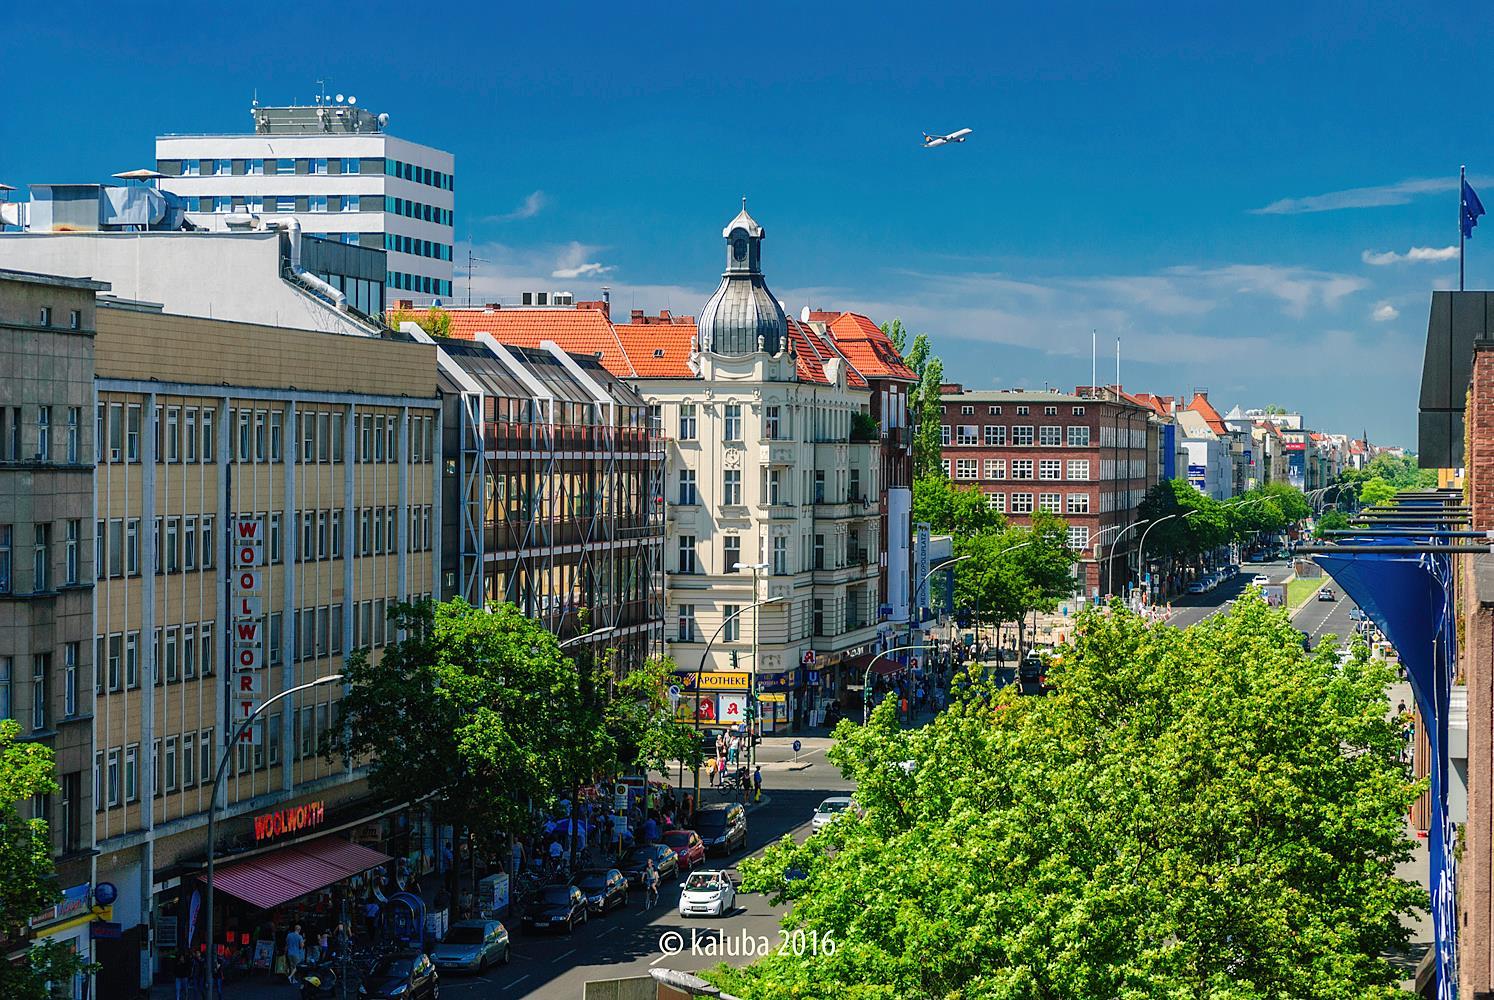 Müllerstraße (C) Kaluba